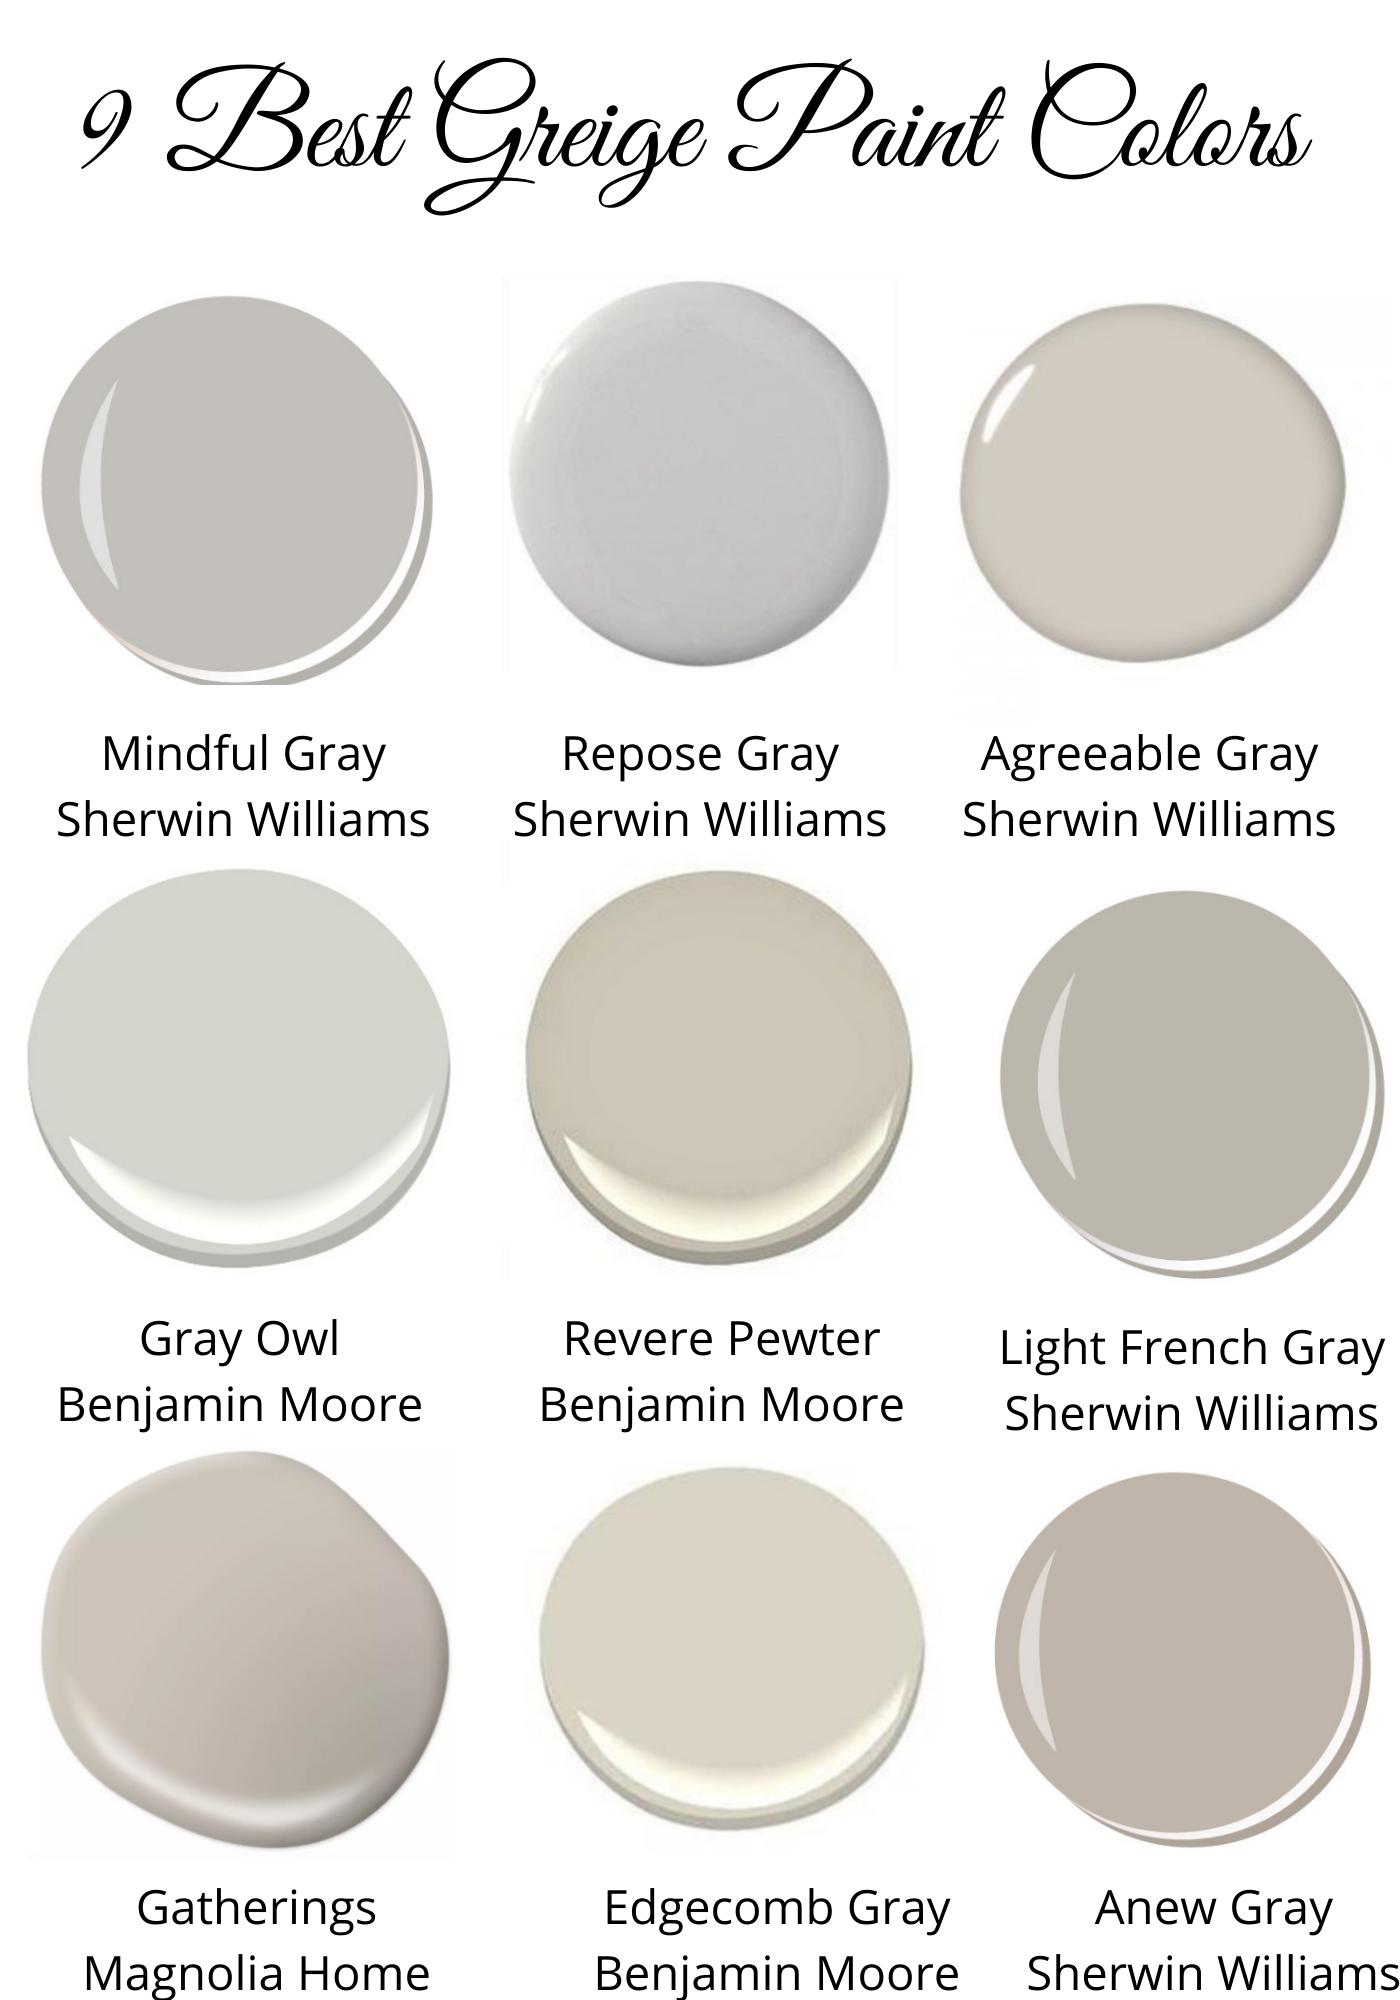 9 Favorite Greige Paint Colors